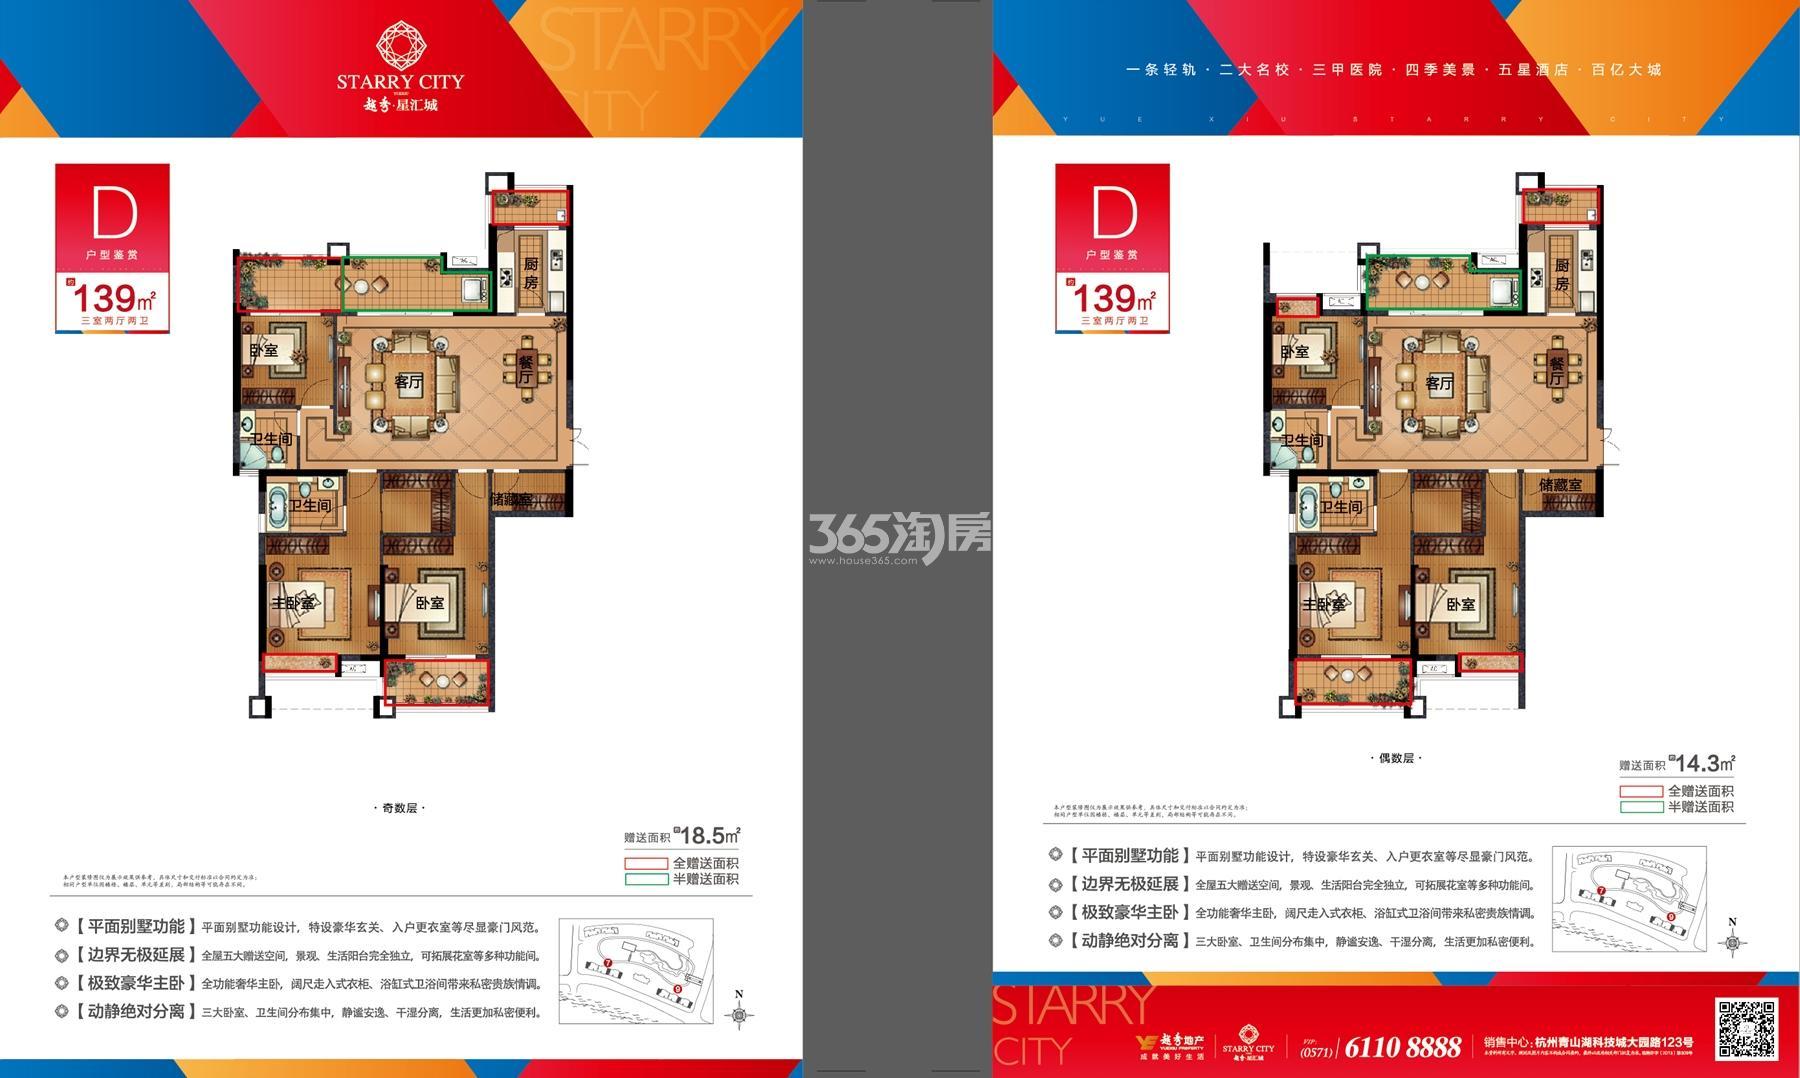 越秀星汇城D户型139方奇数层和偶数层 (7、9号楼)